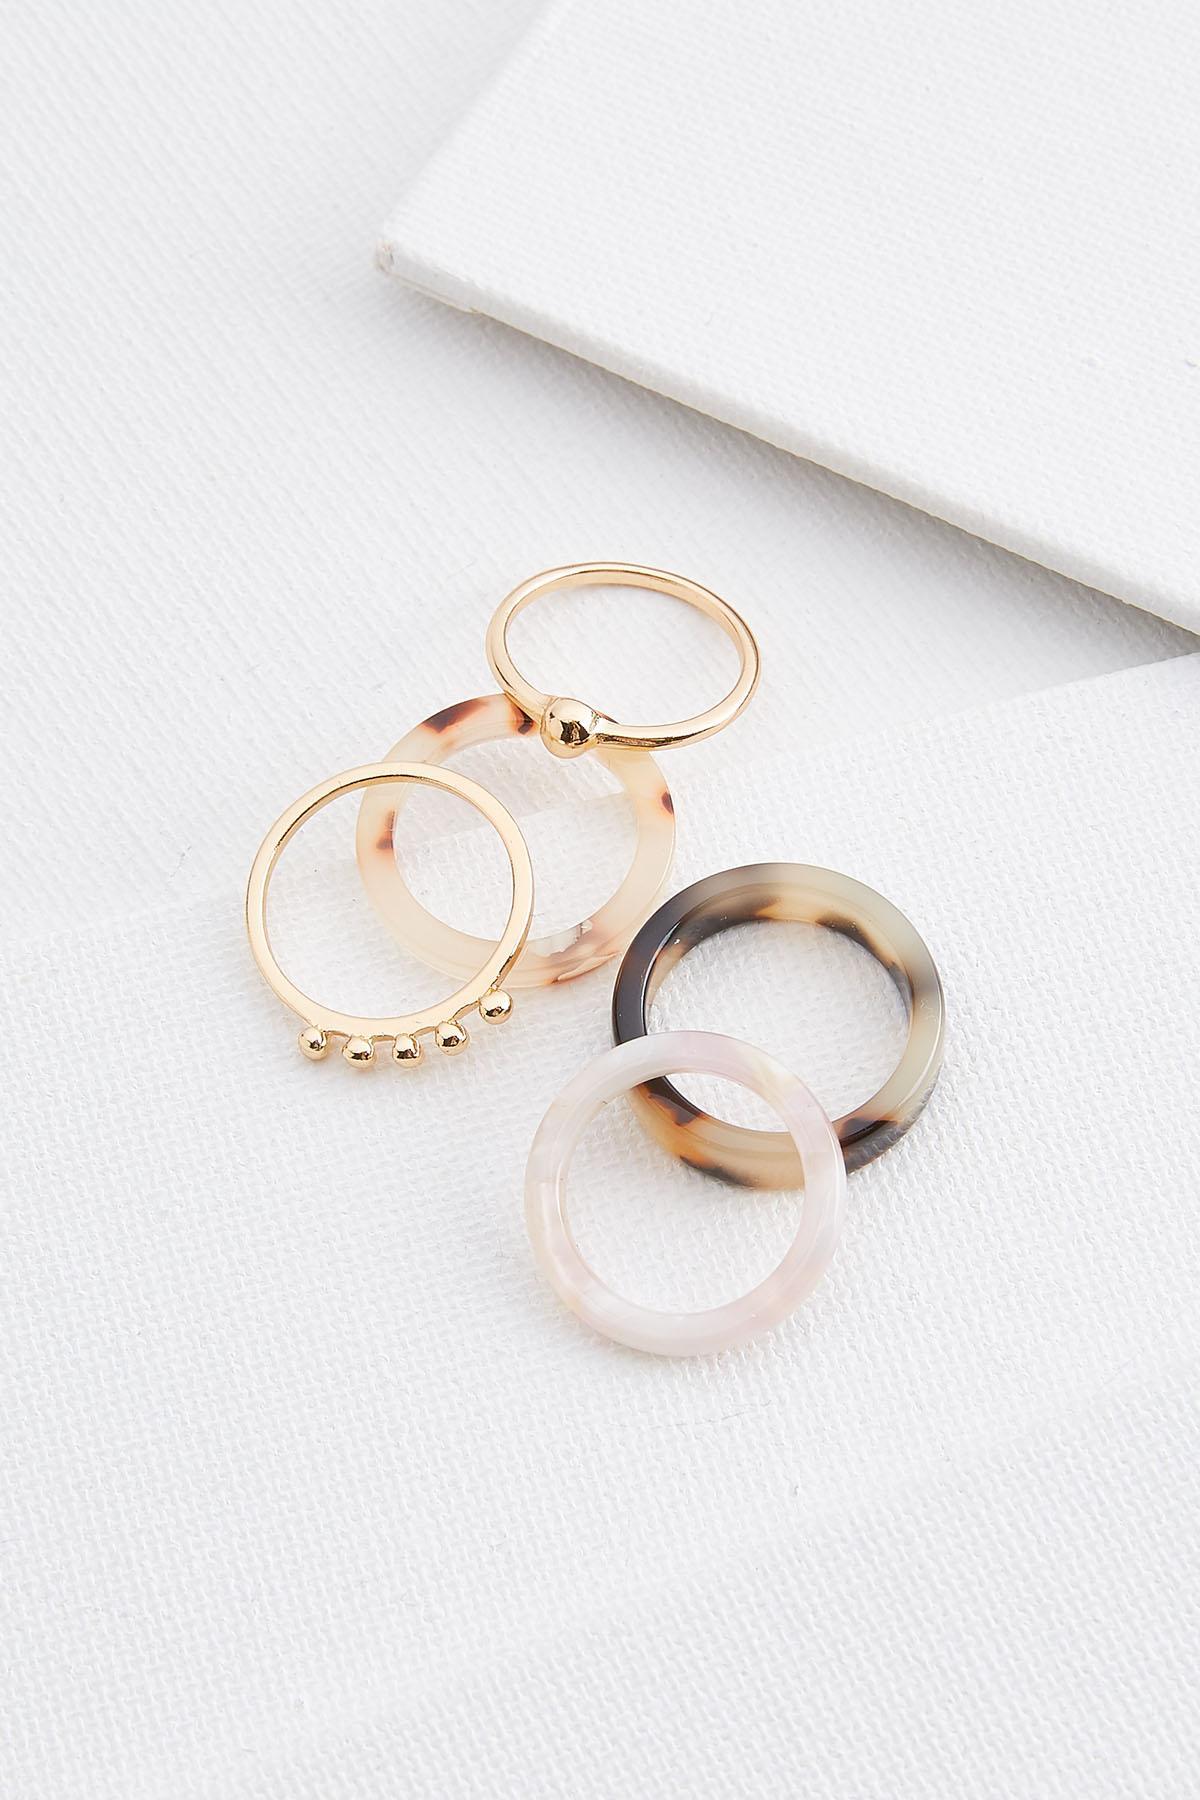 Resin Ring Set